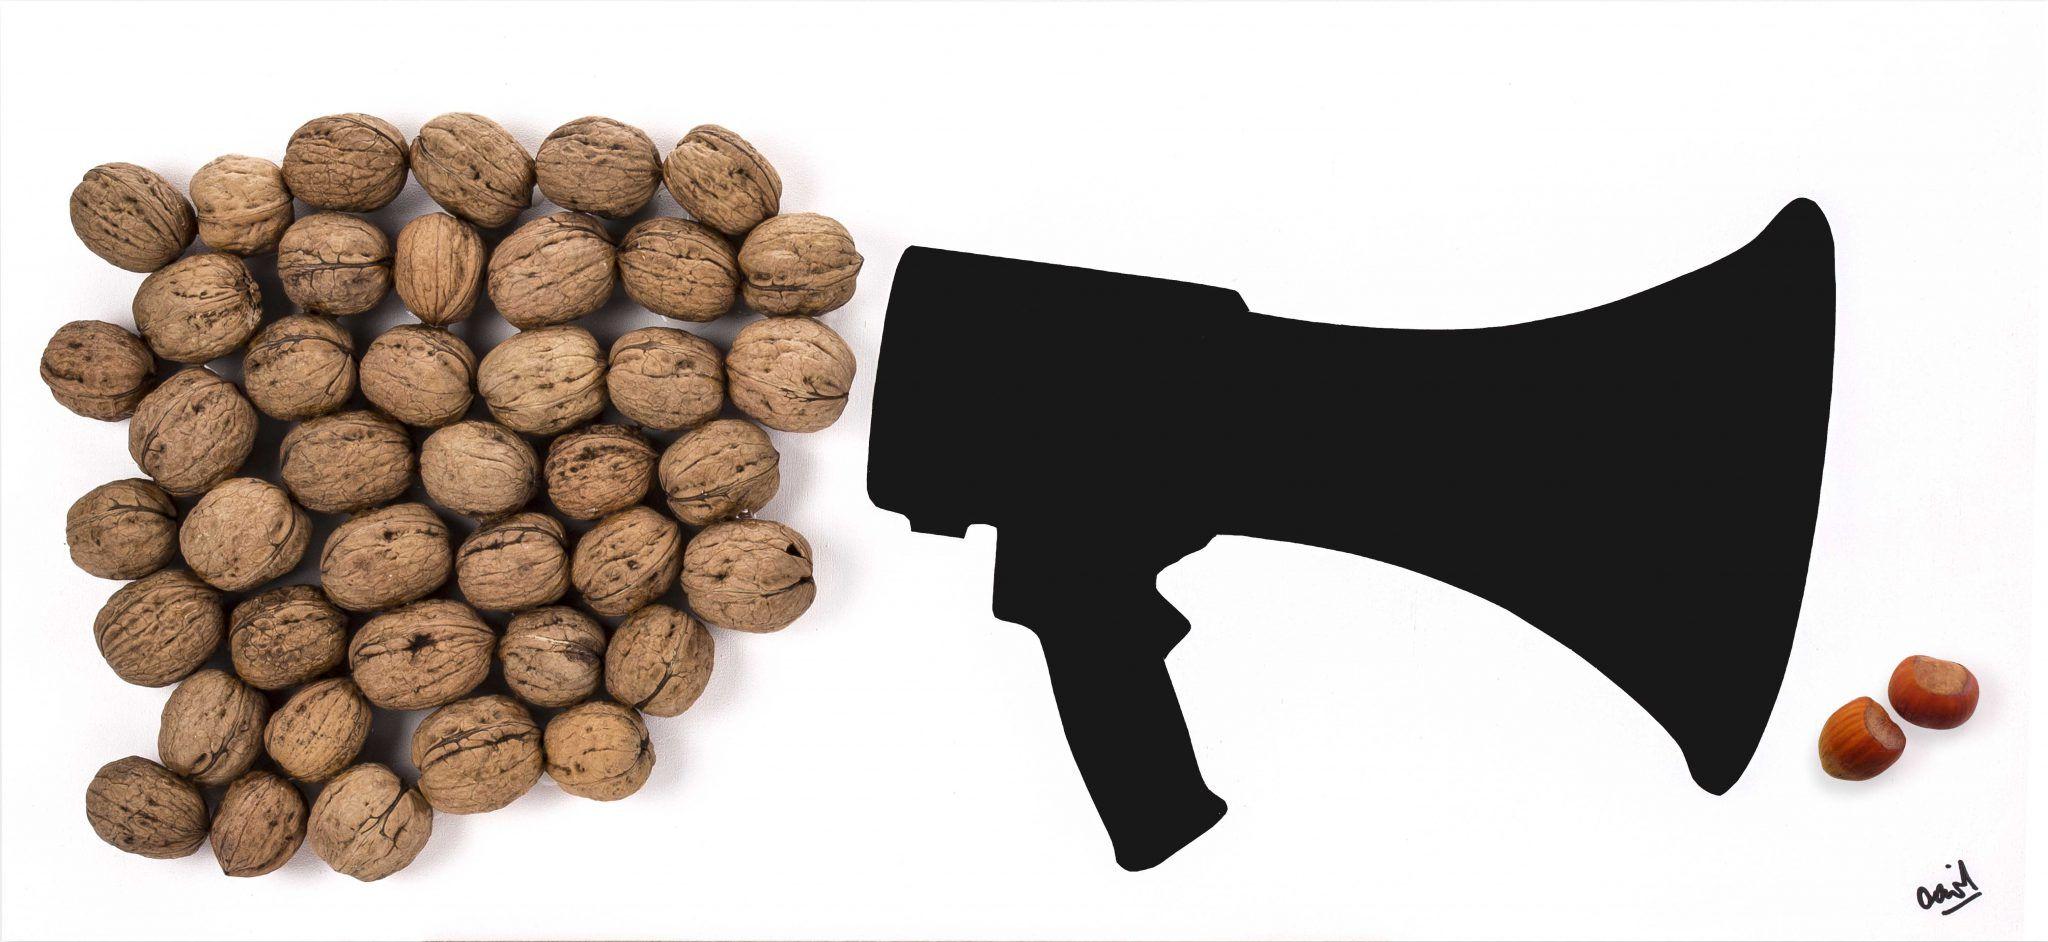 Muchas nueces y poco ruido, poema visual de David Pérez Pol